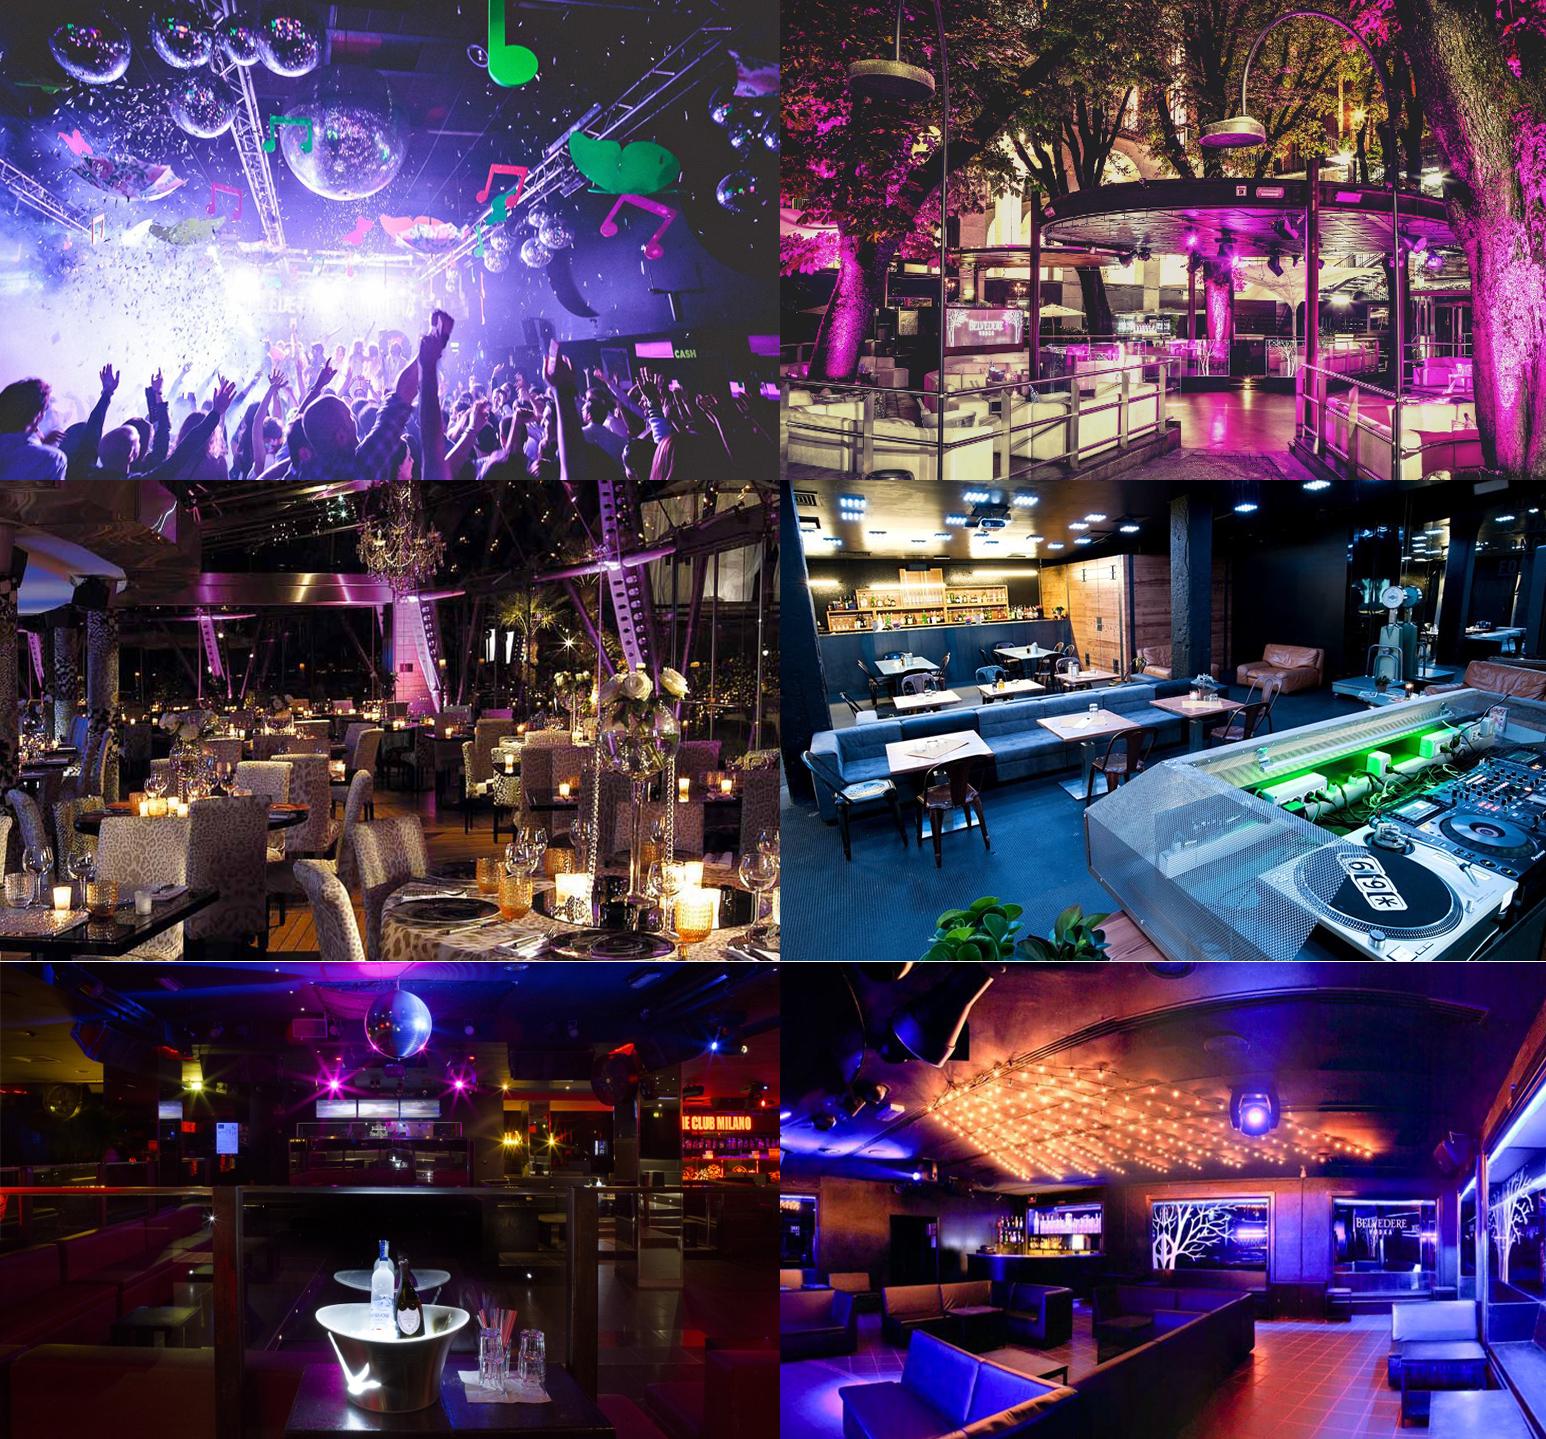 Rendiamo la tua festa di compleanno a Milano in discoteca indimenticabile. Scegli la location, hotel, discoteca o lounge, i servizi che preferisci e il nostro team organizzerà la festa.